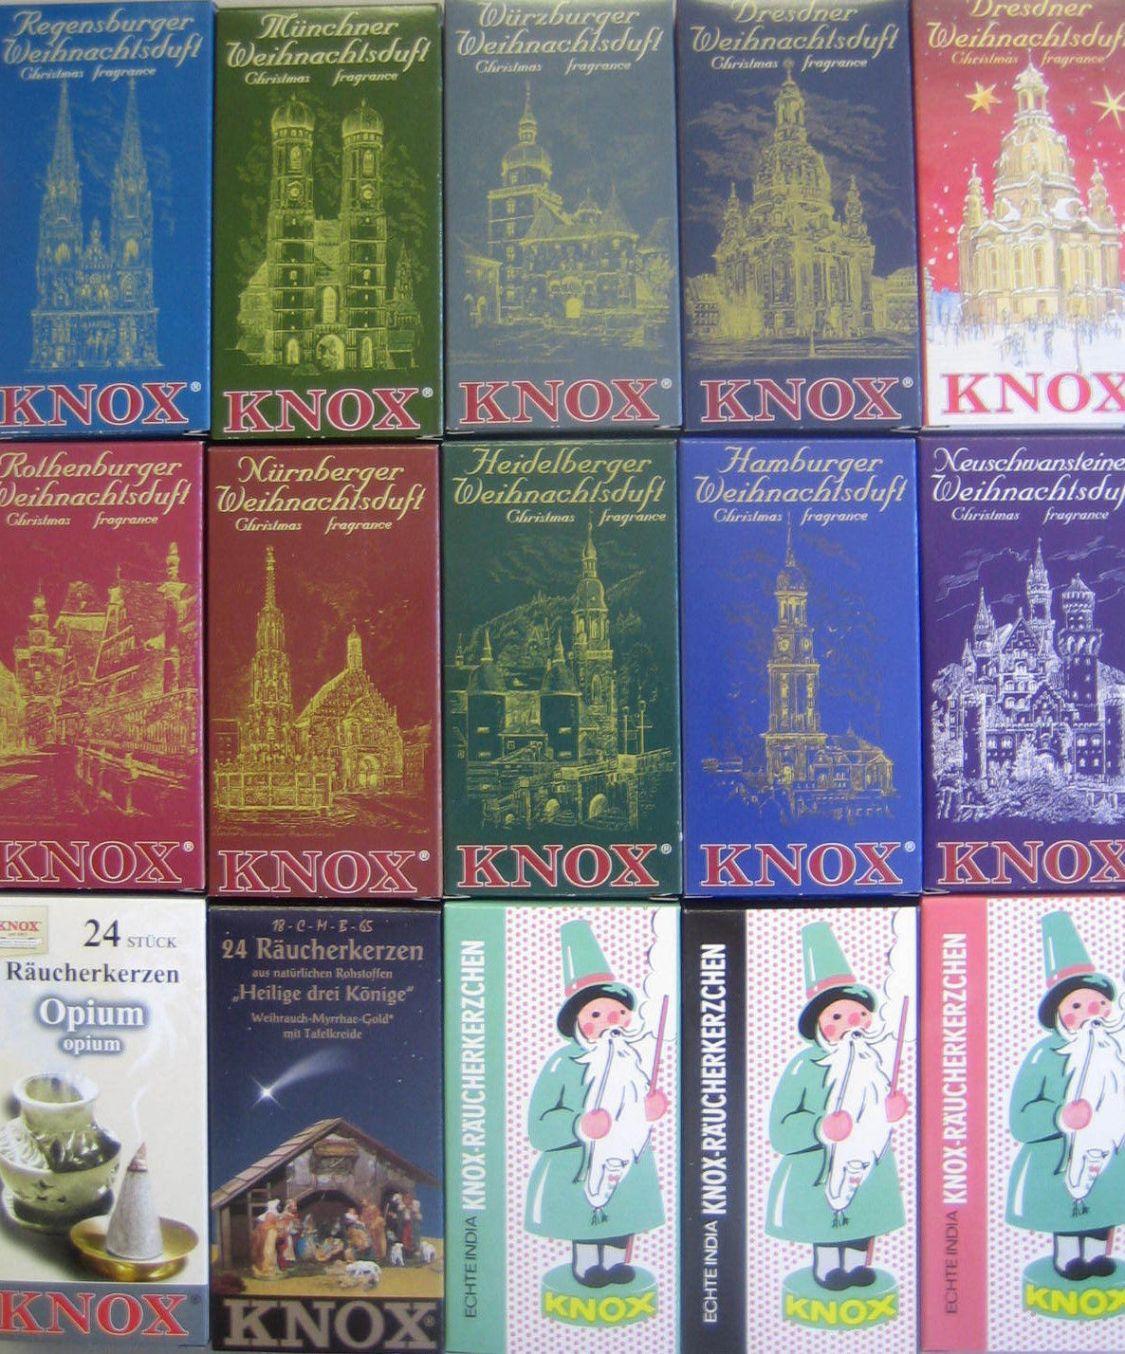 Original Knox Räucherkerzen Räucherkegel 24 Stück Packung Städte und Opium Wahl